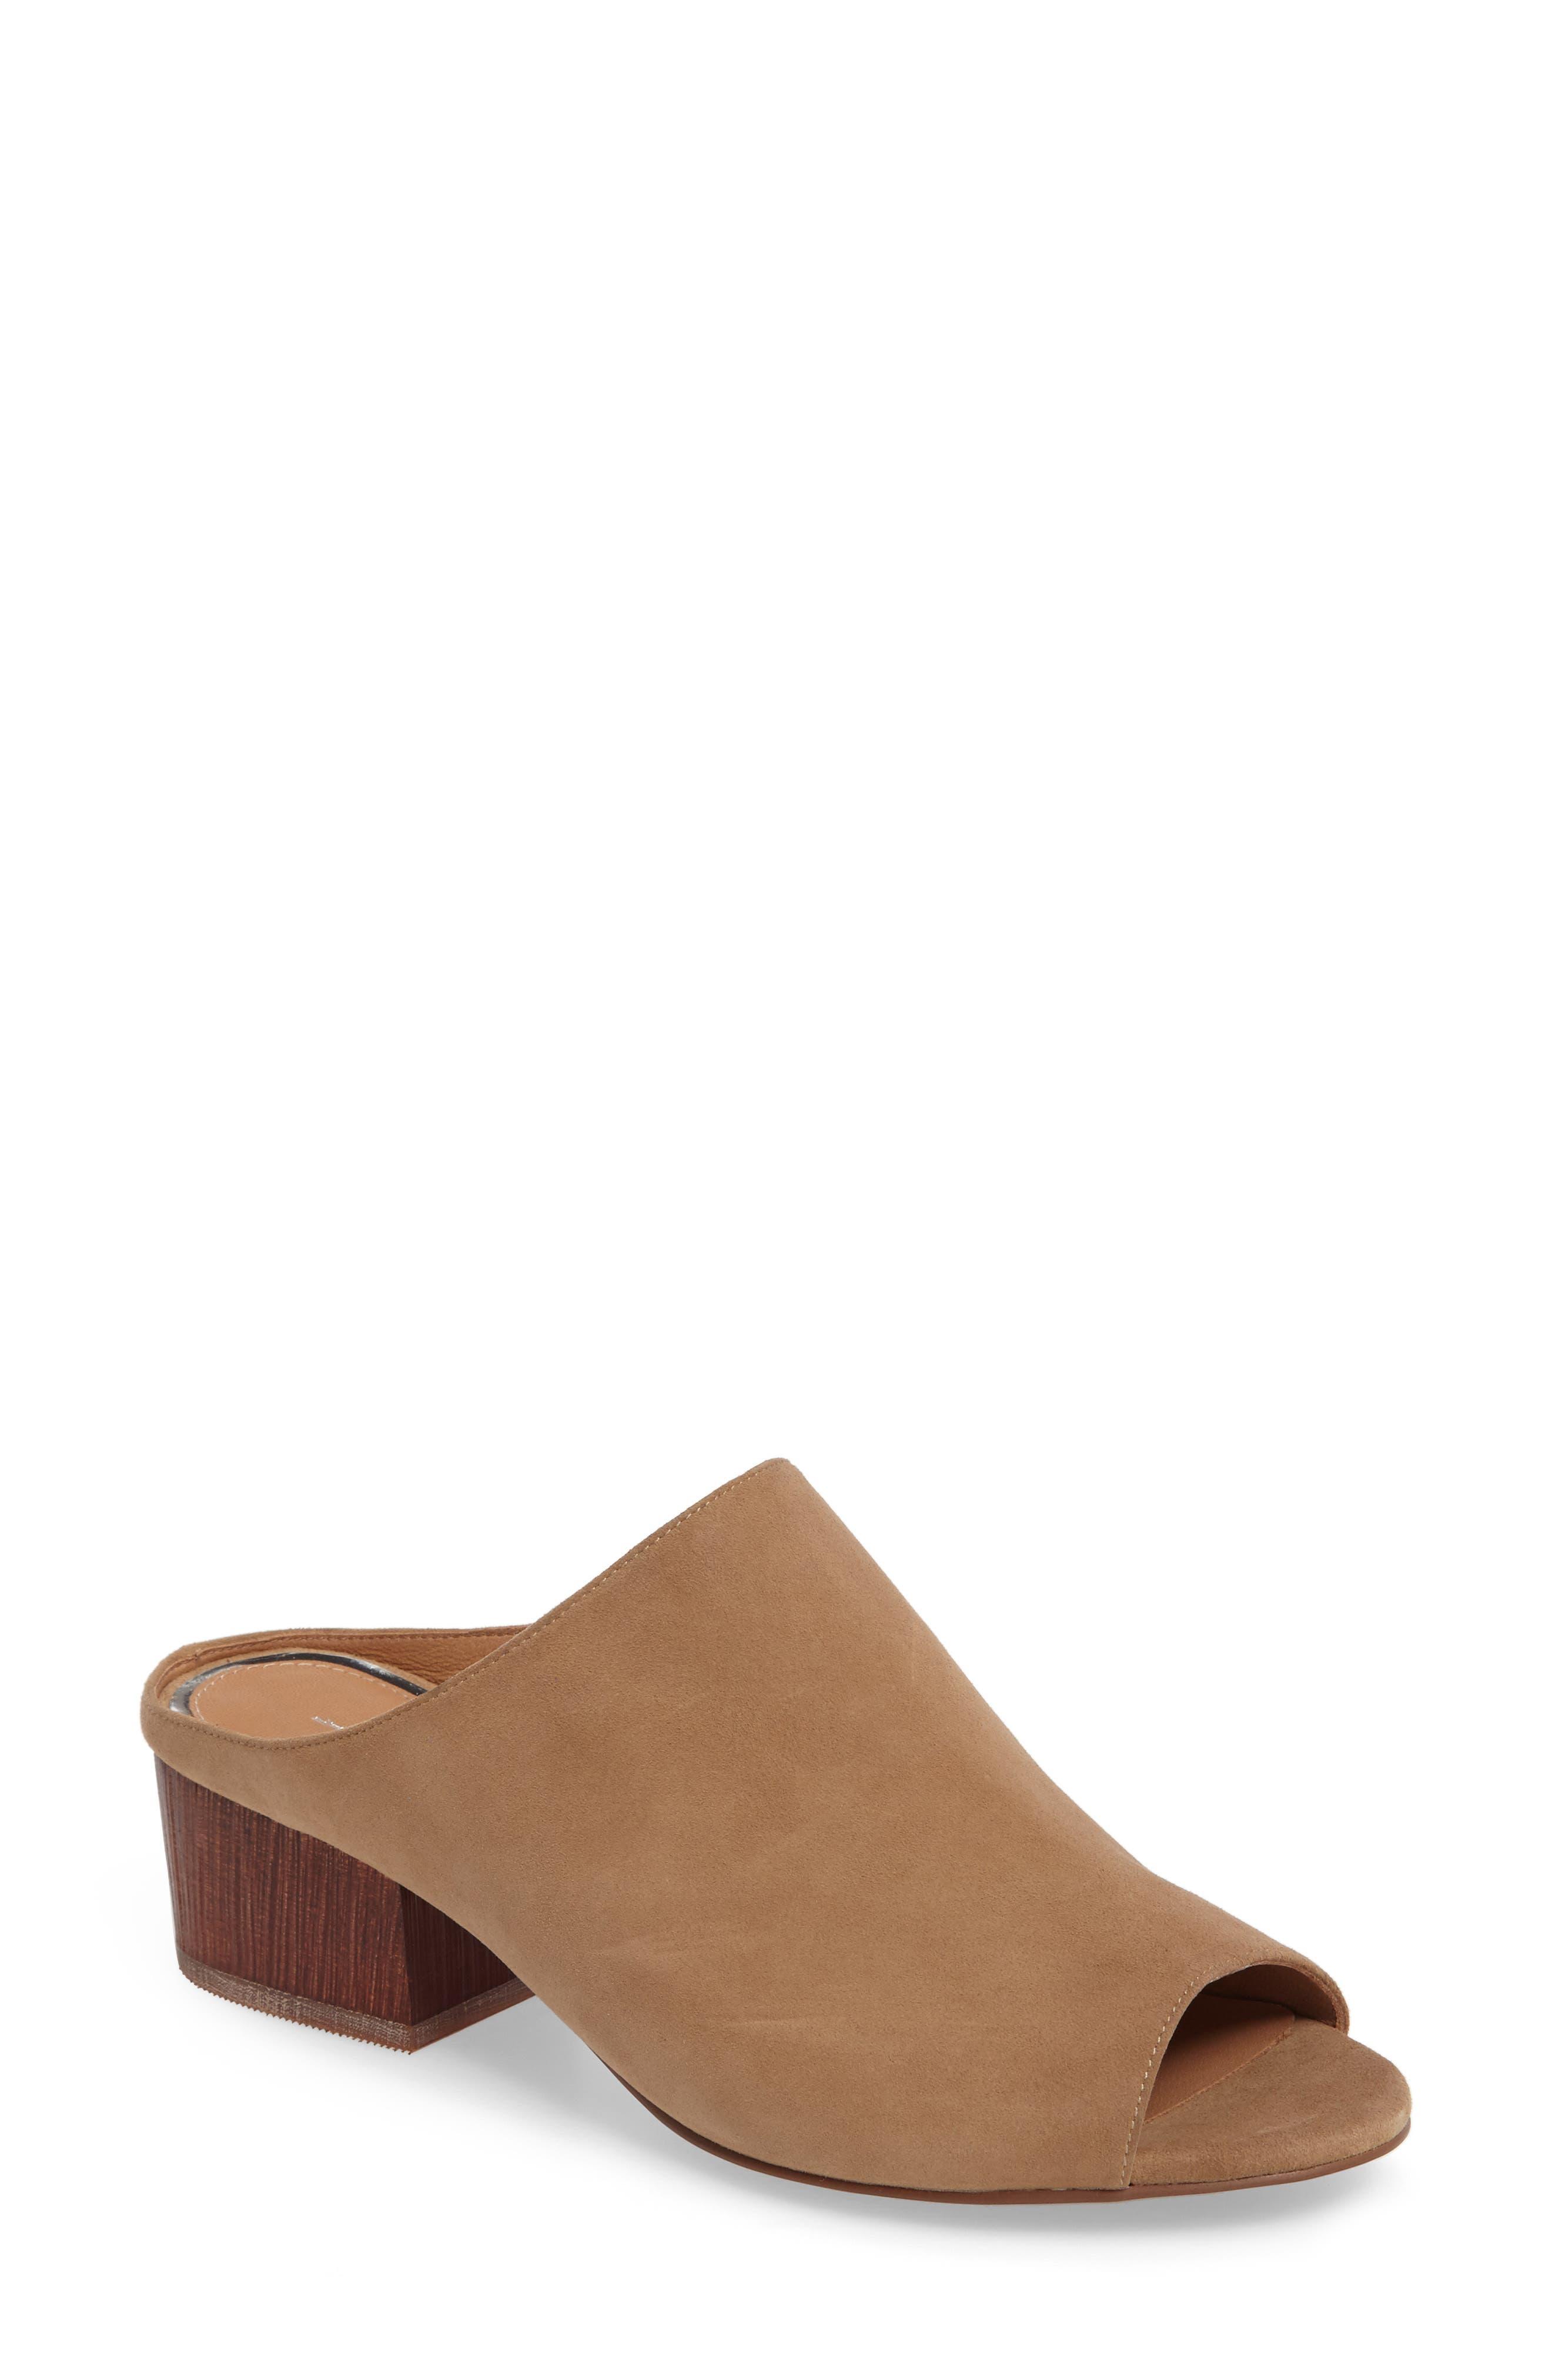 LINEA PAOLO Cinch Block Heel Mule